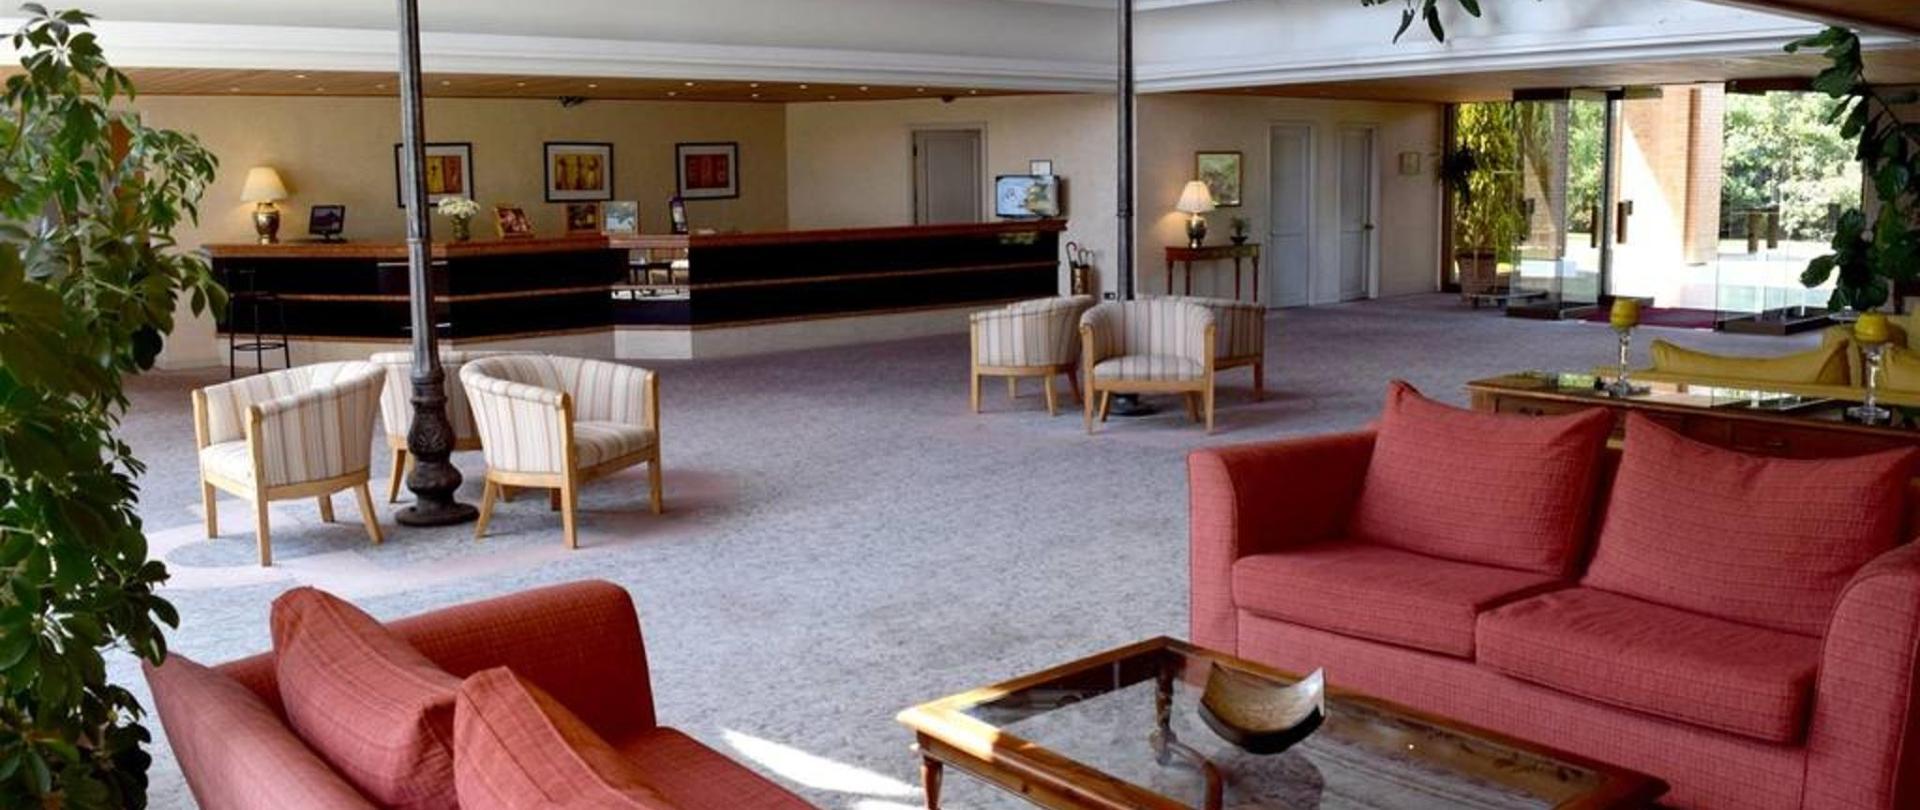 Hotel Puerta del Sur